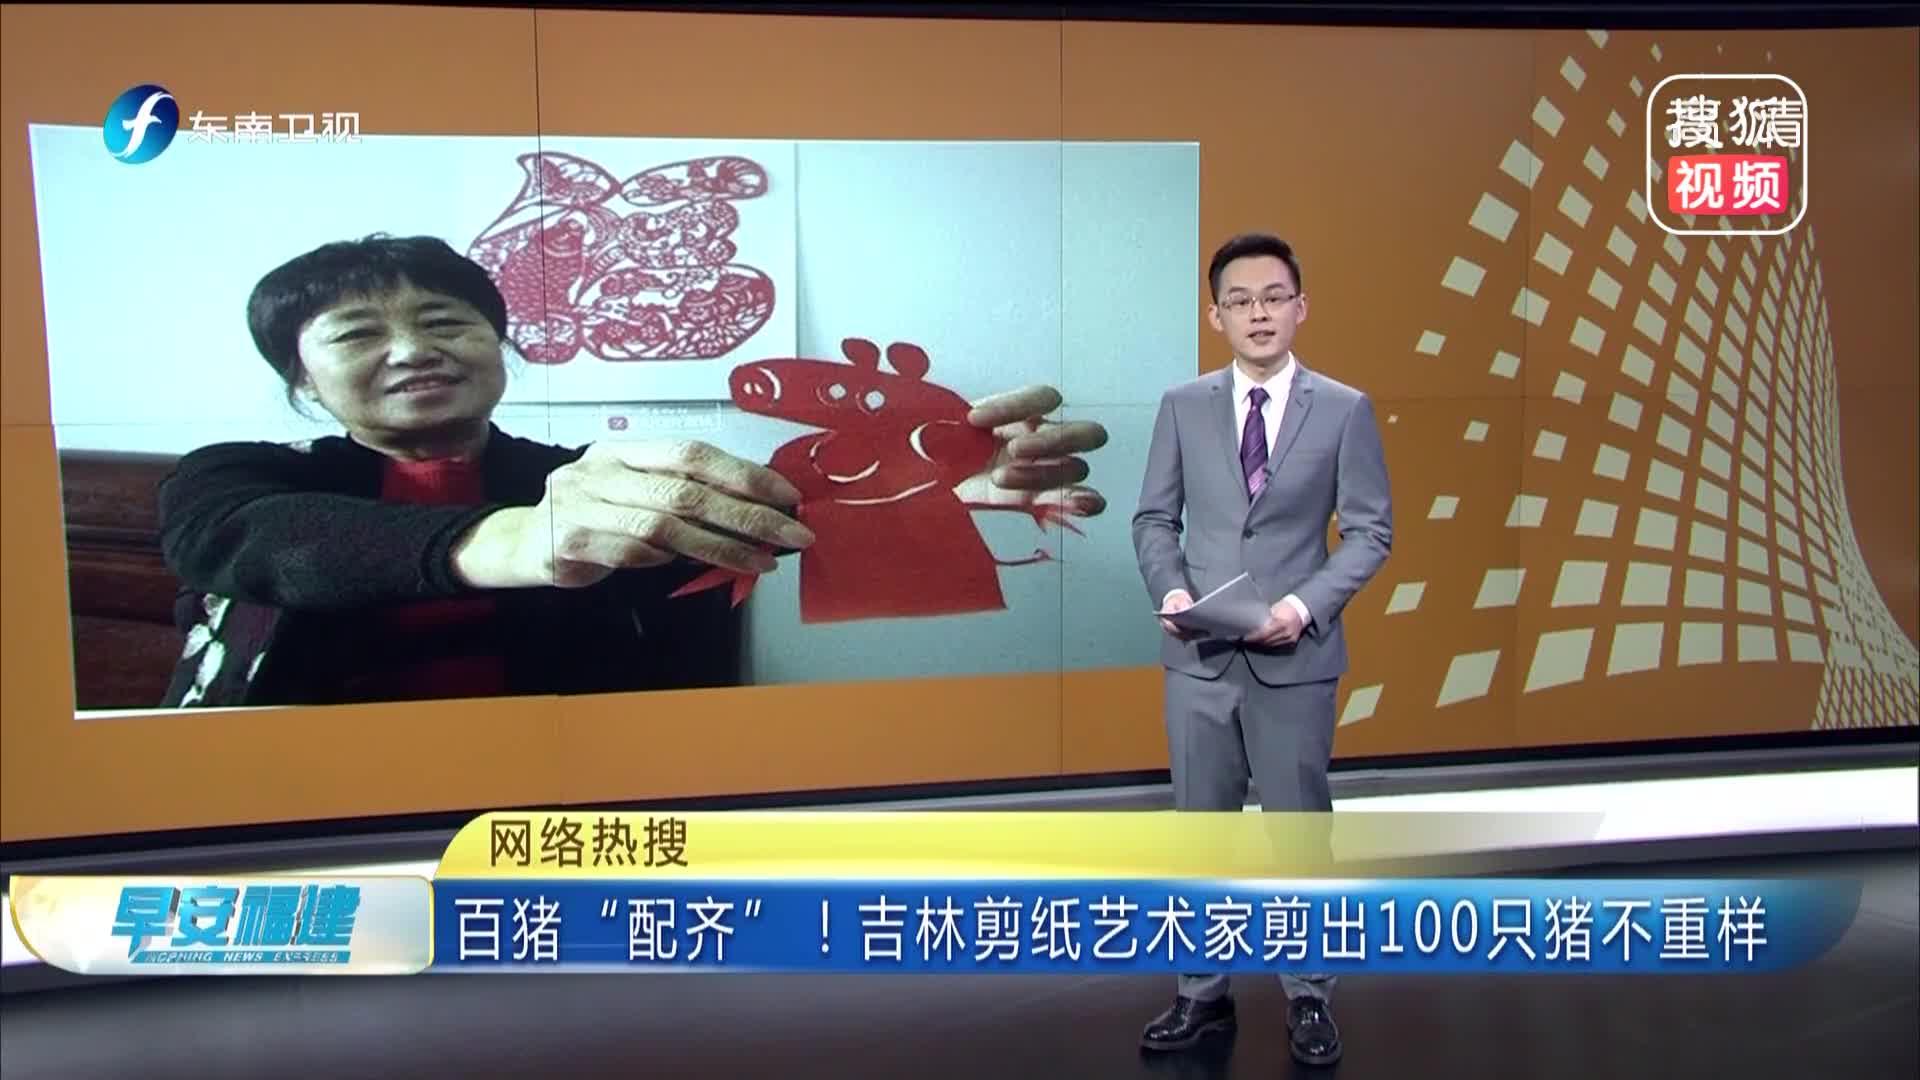 """[视频]百猪""""配齐""""! 吉林剪纸艺术家剪出100只猪不重样"""